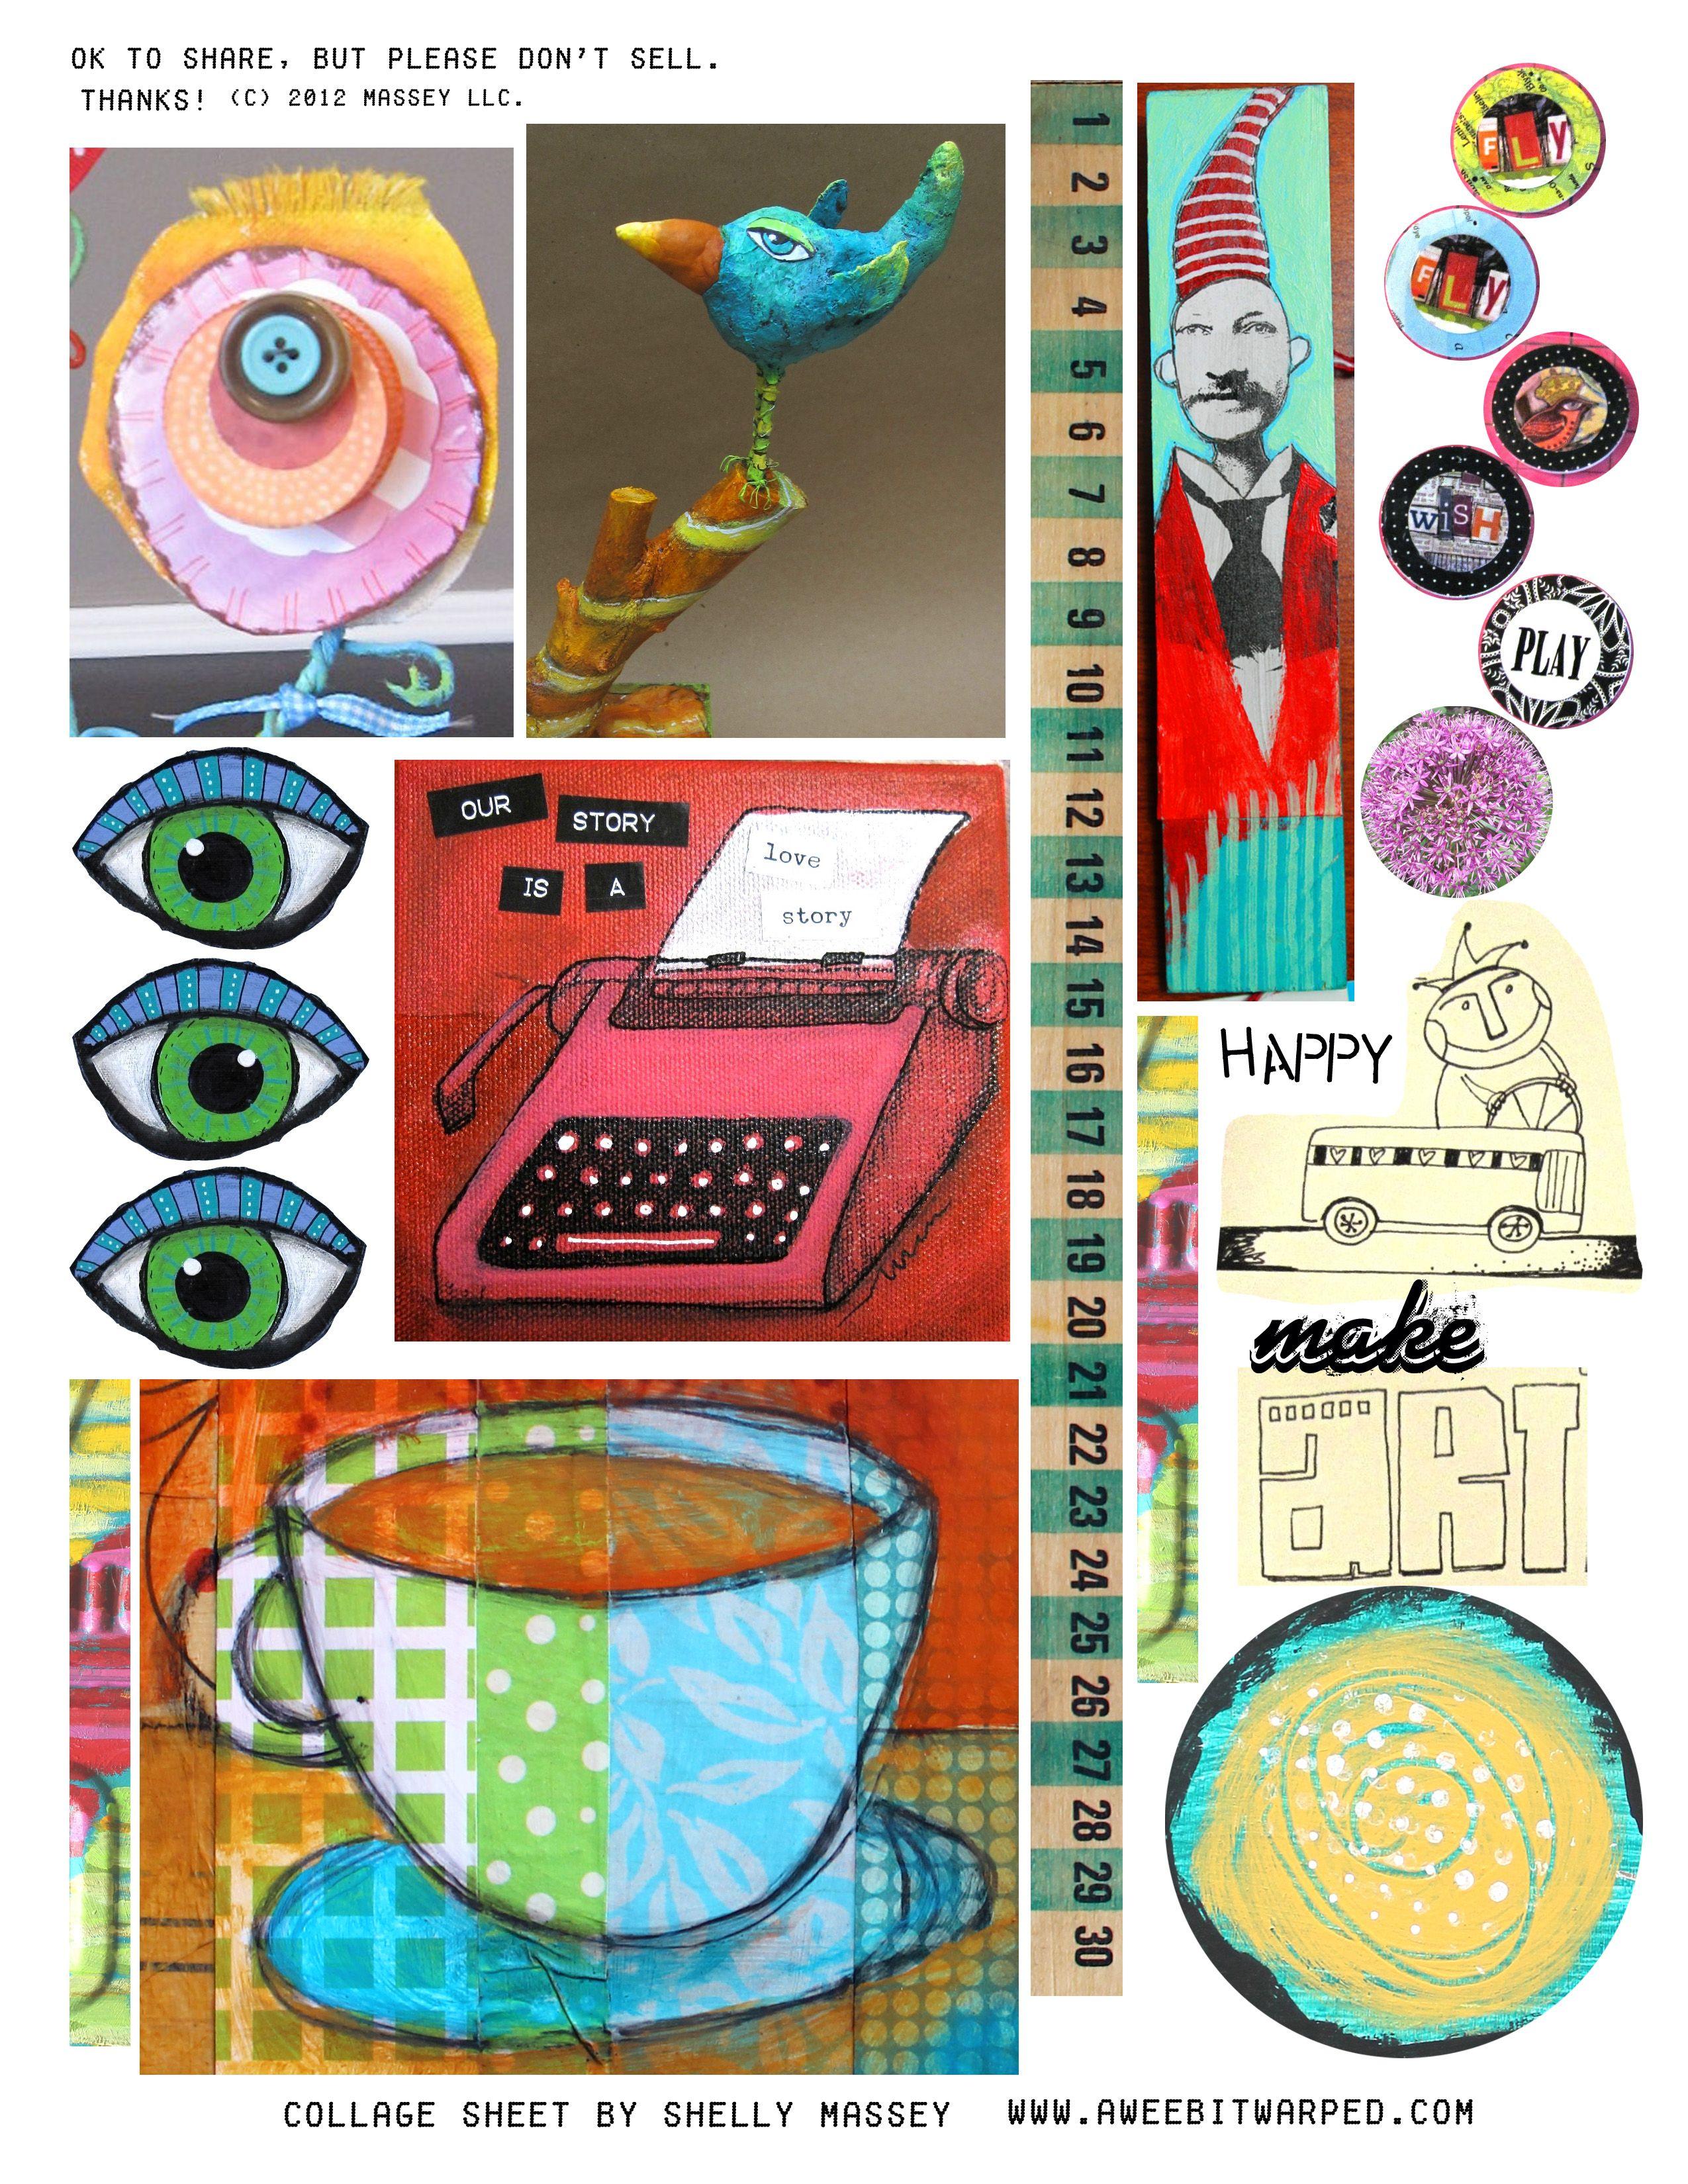 Collage Sheet 2 Free Download Collage Sheet Printable Collage Sheet Free Collage